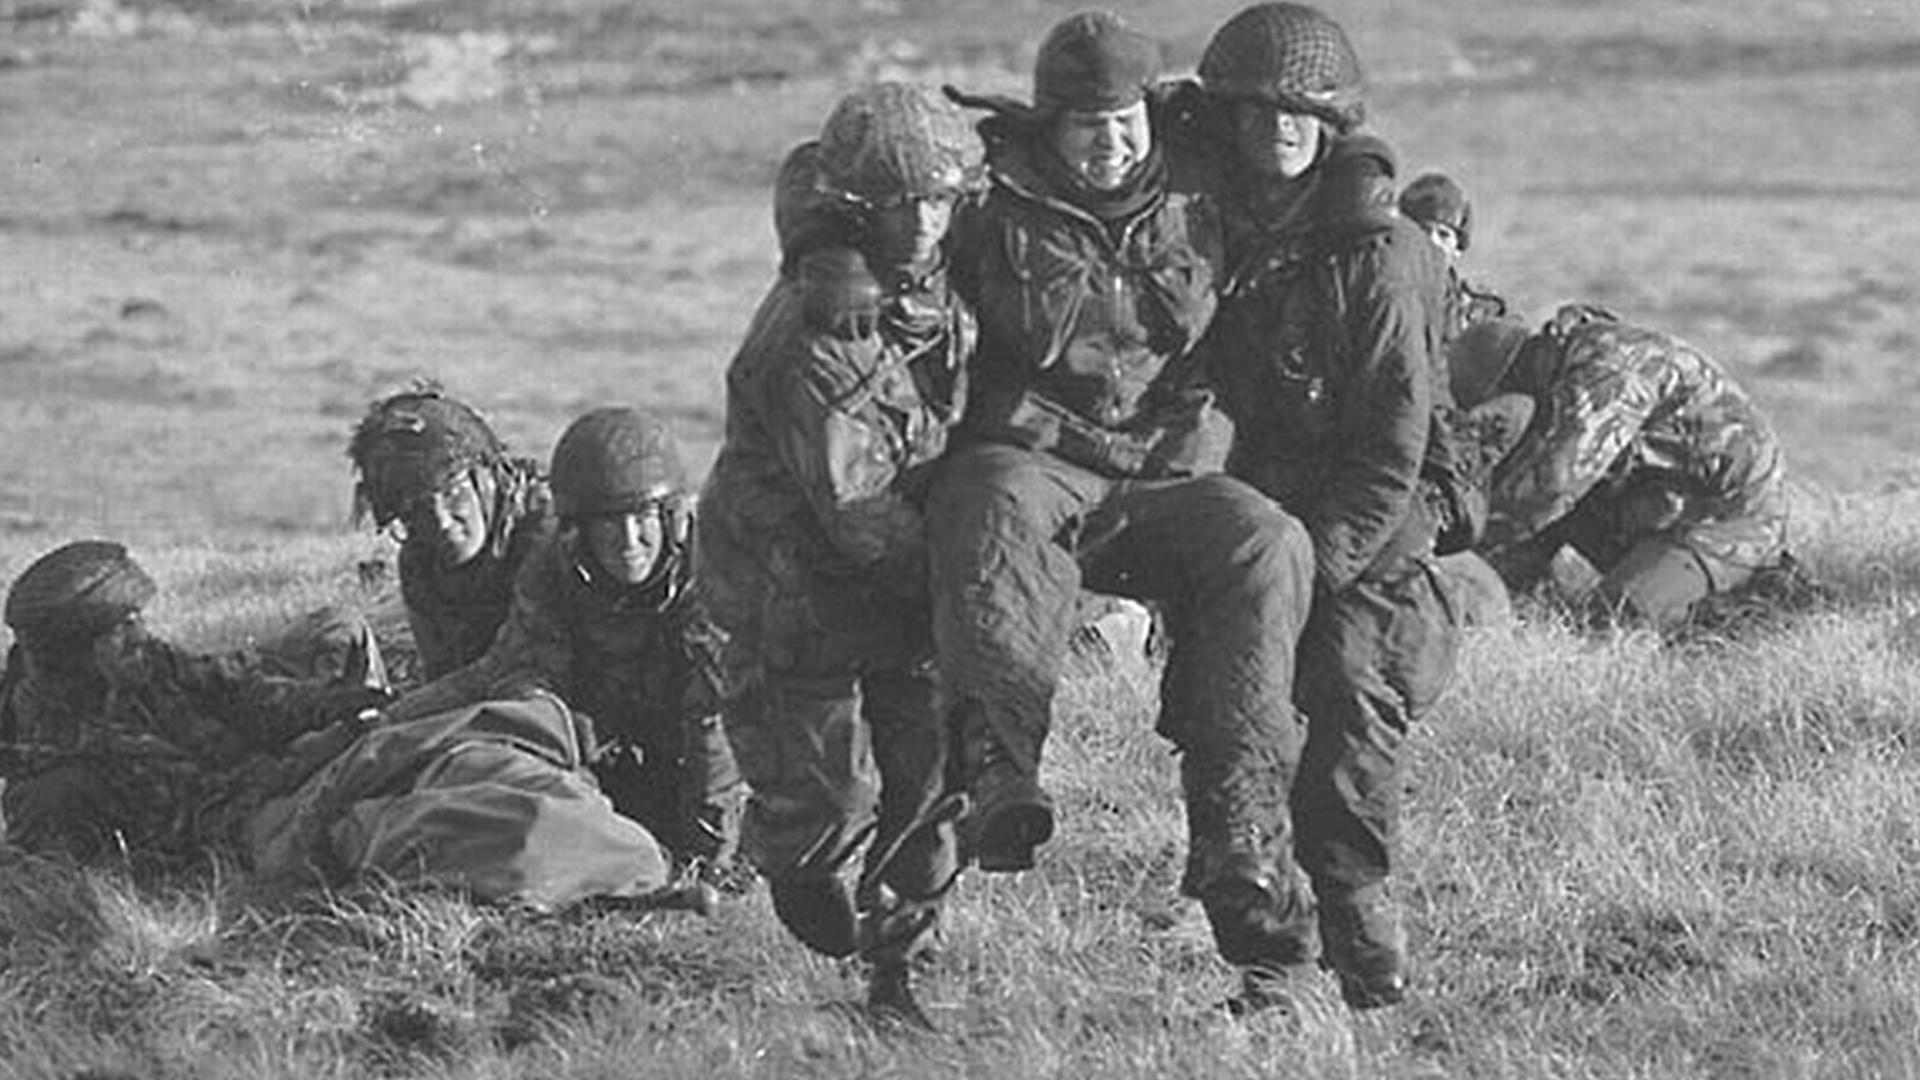 Los combates finales del 11 al 14 de junio fueron los más sangrientos y cruentos de la guerra (Malvinense.com.ar)